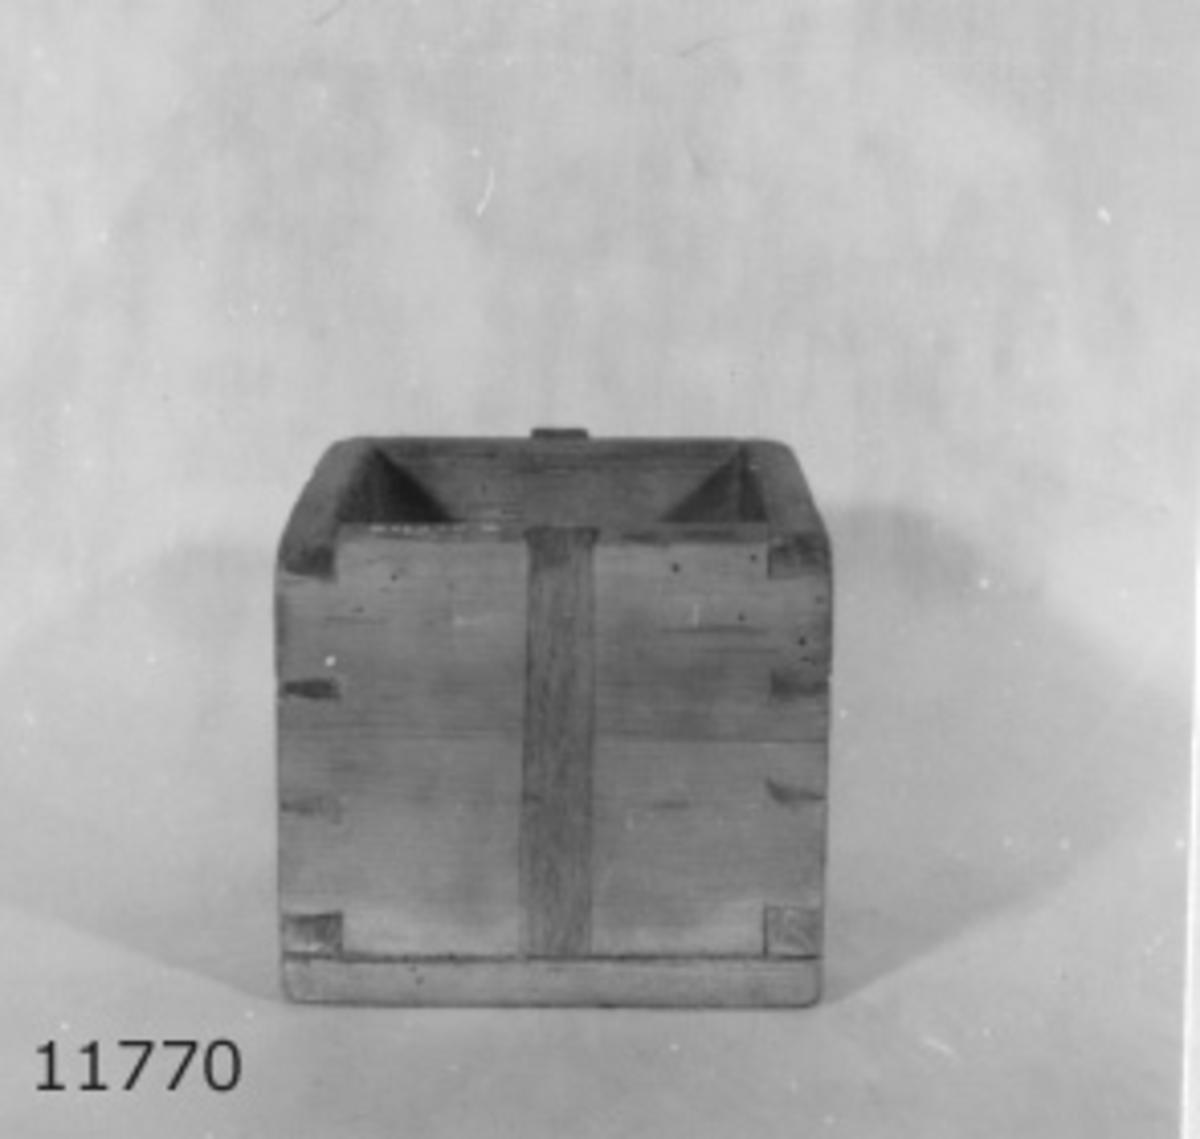 Kar av furuträ, krönt år 1873. Rymmer 1 kanna (=2.6 liter)  Kubformat. Sidorna sinkade till vanandra, botten fastsatt med spik. Märkning: 1 K  B M N  (N:et kan tydas som H) 1873 samt en kronstämpel.